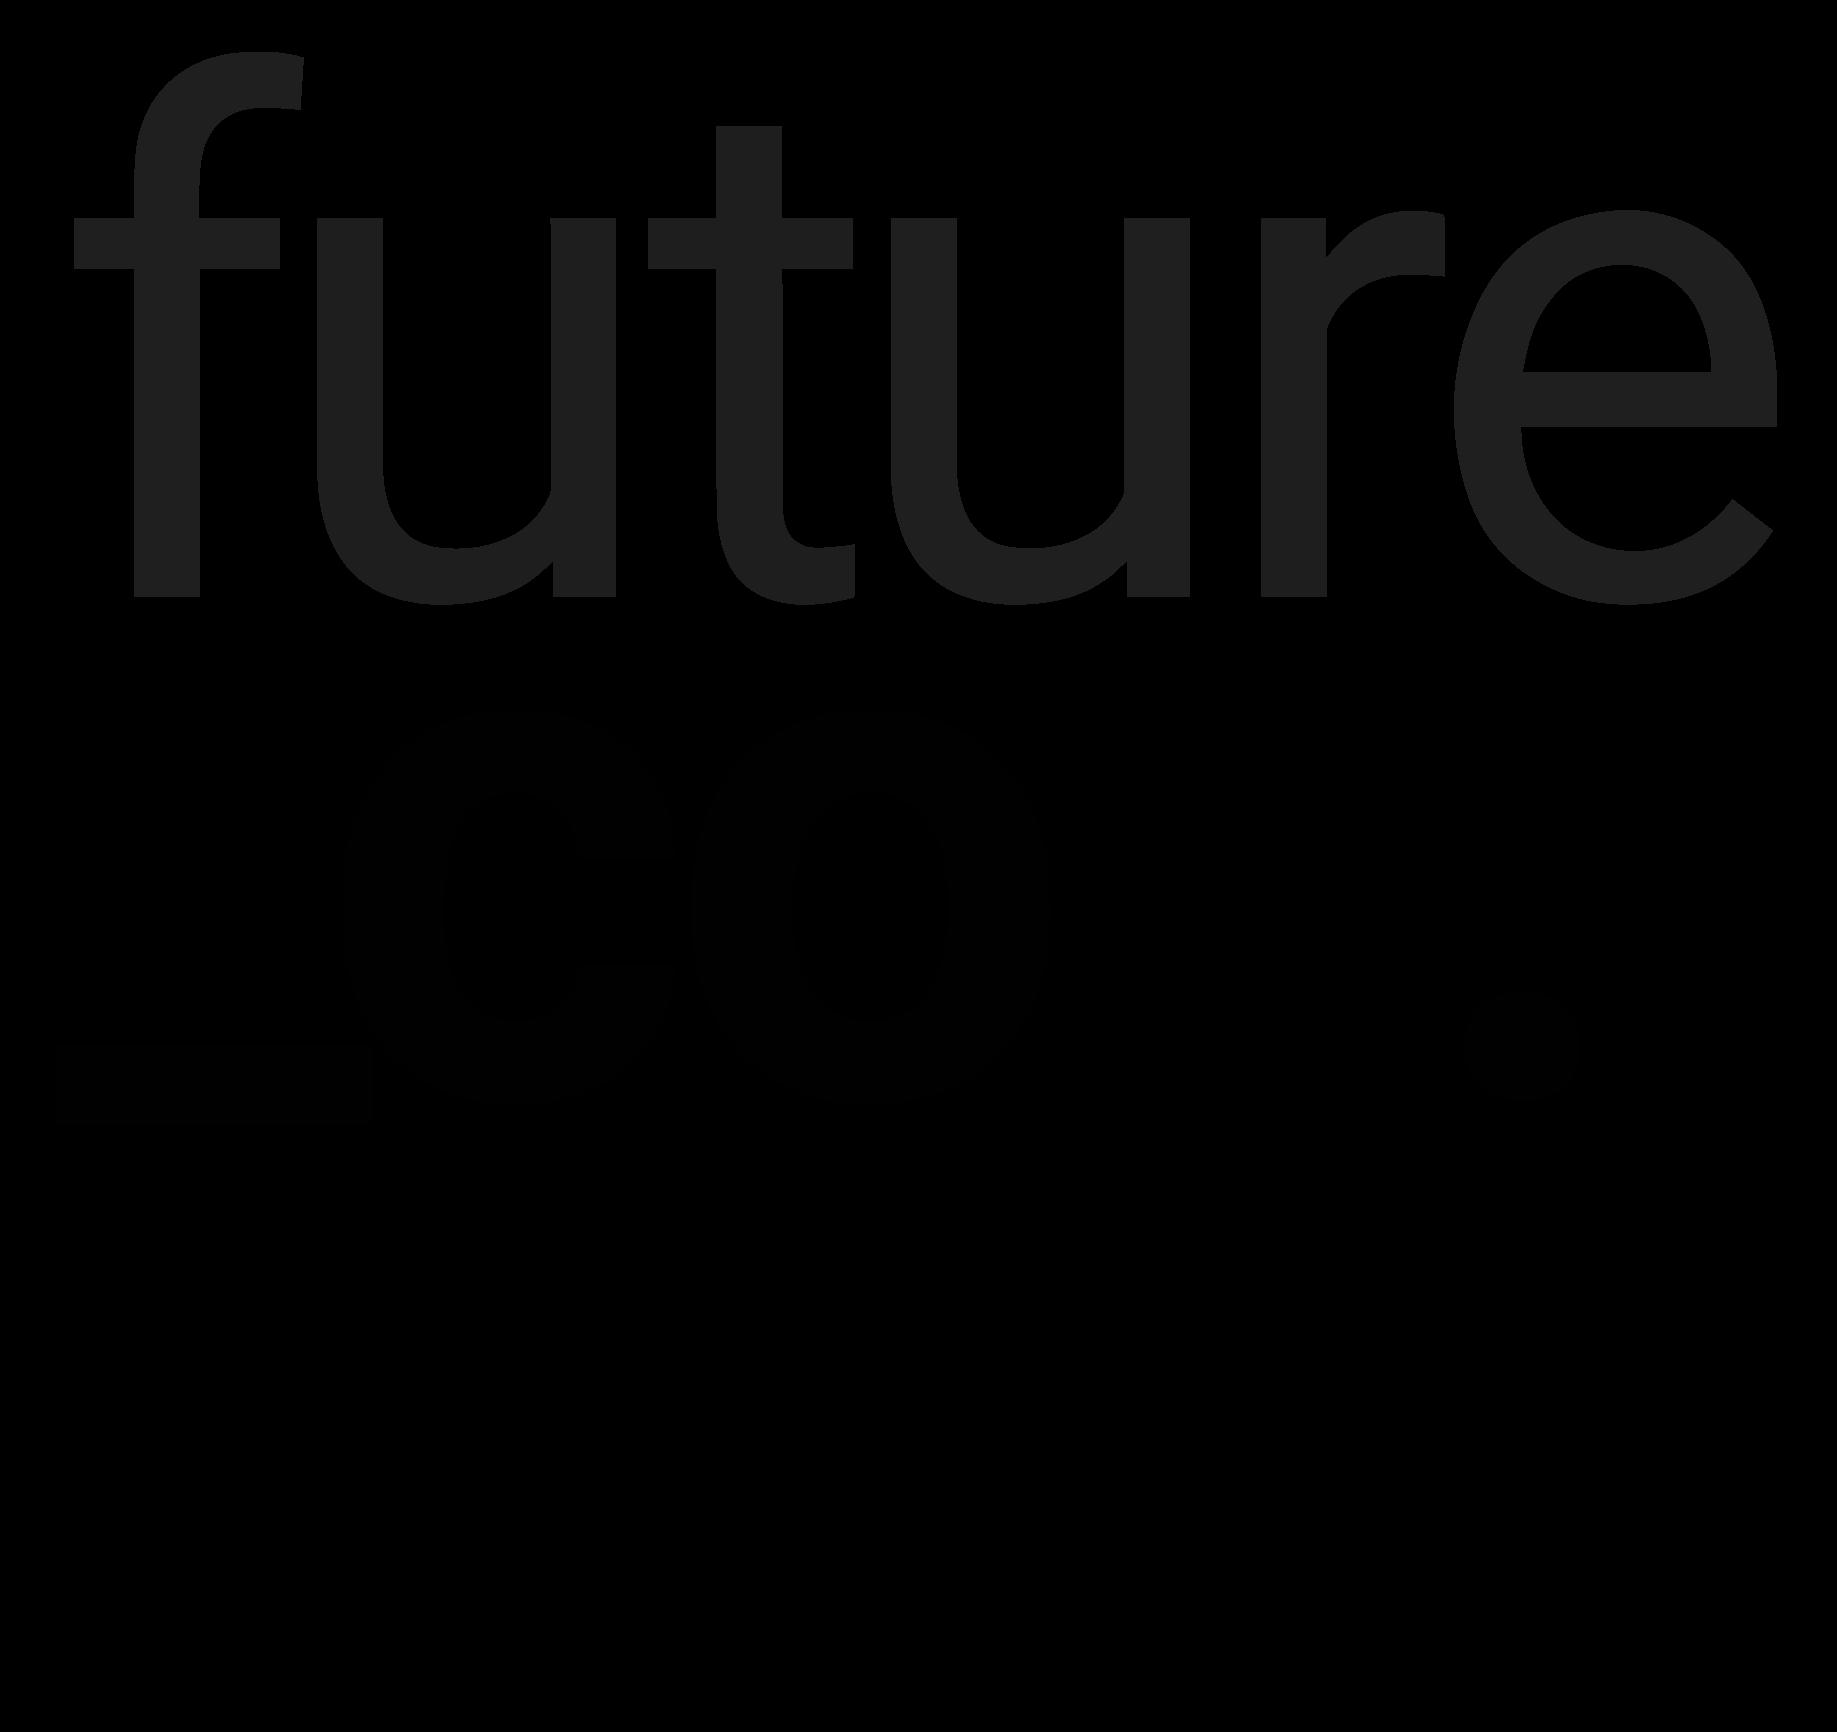 futurecon Alles was du für deine Karriere brauchst